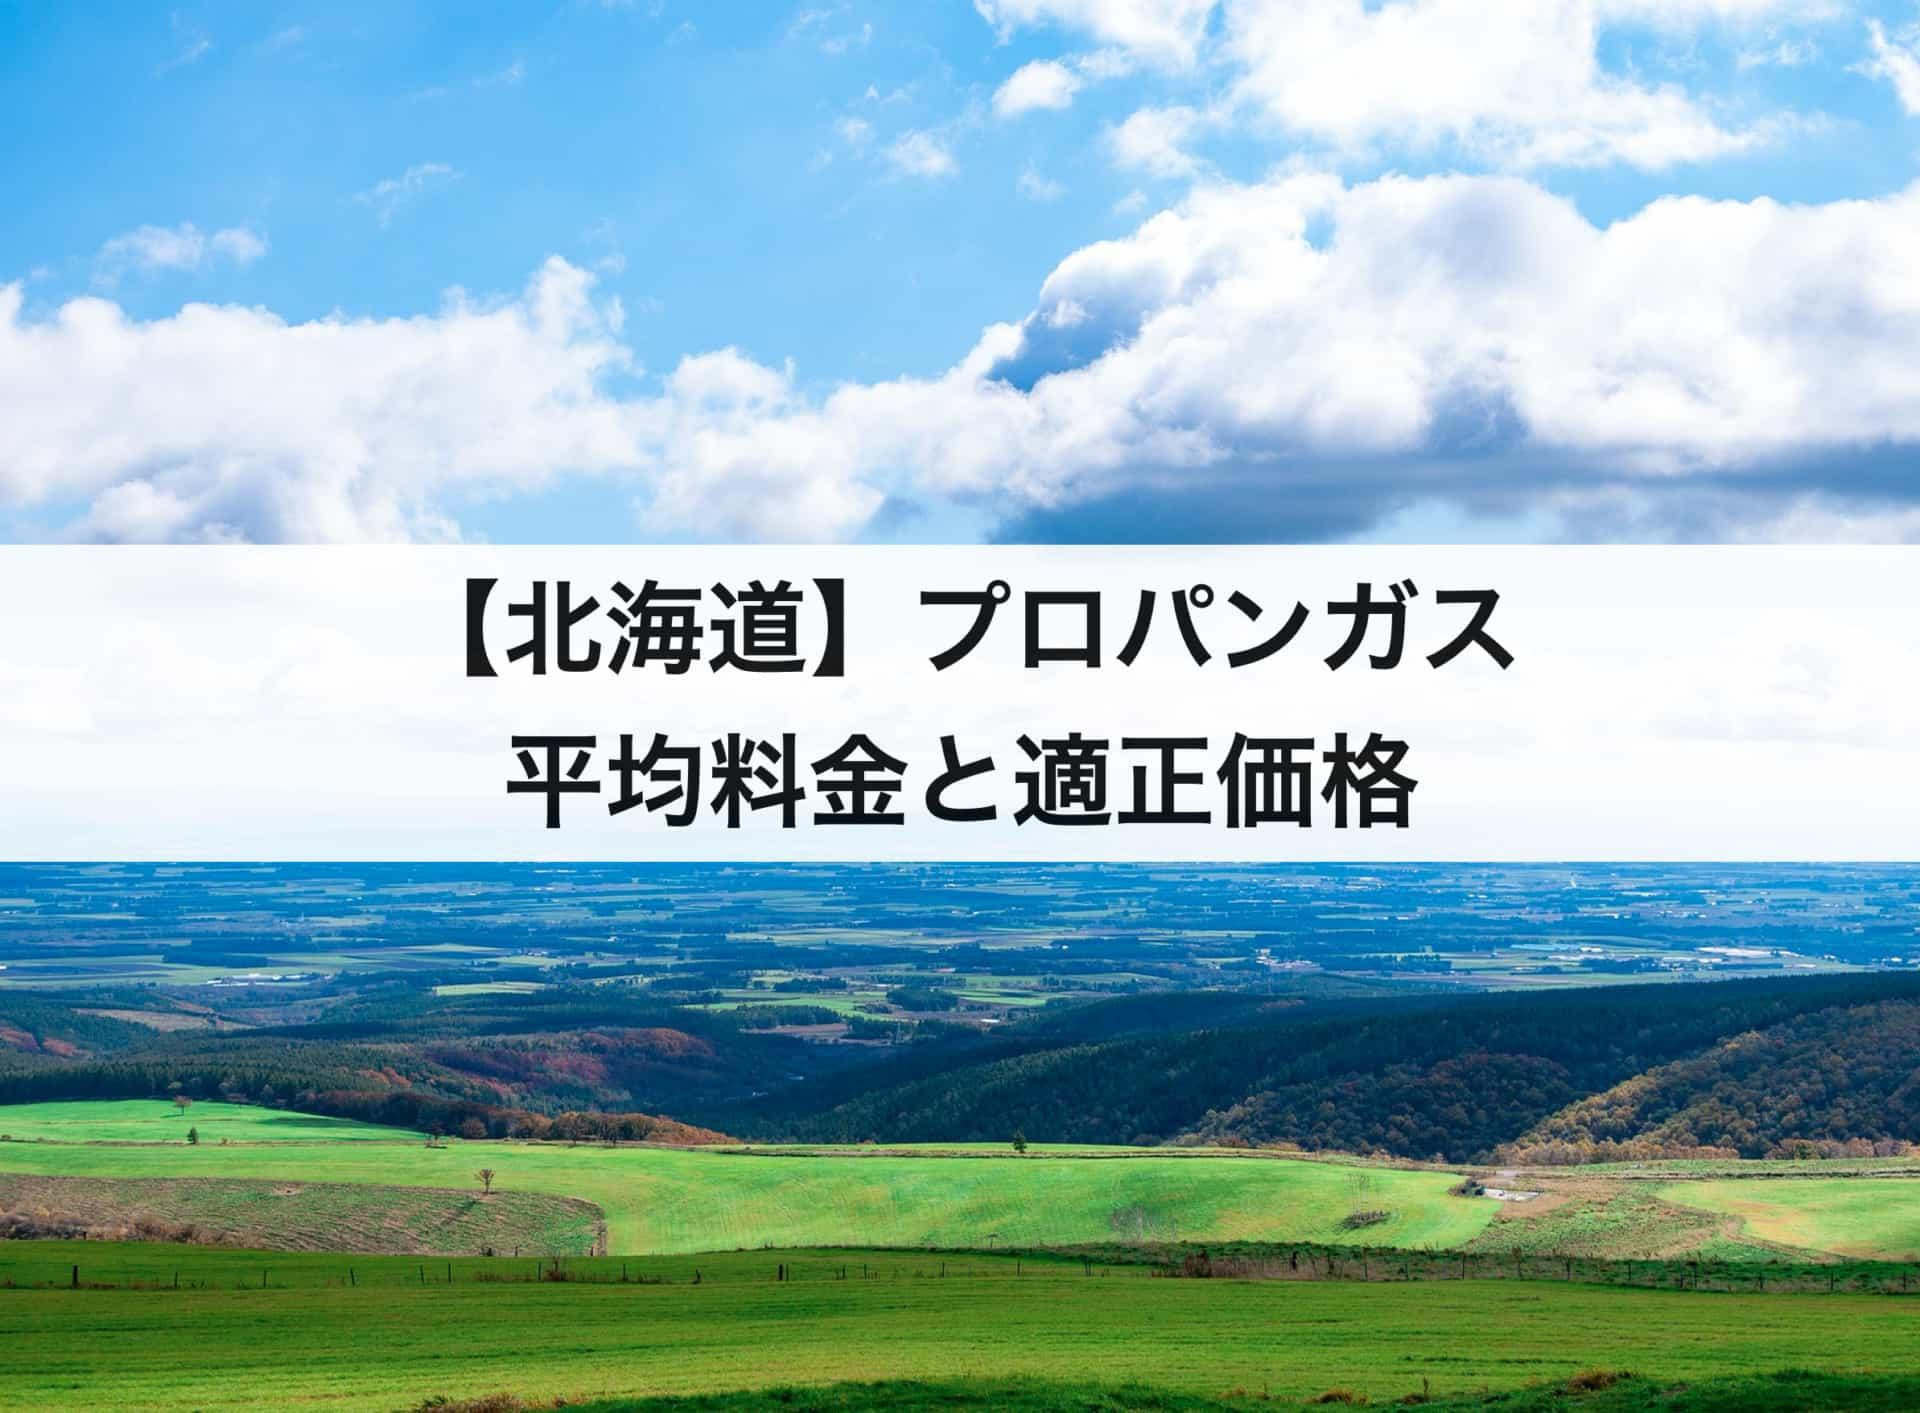 【北海道】プロパンガス(LPガス)の平均料金と適正価格 安く利用できるガス会社は?